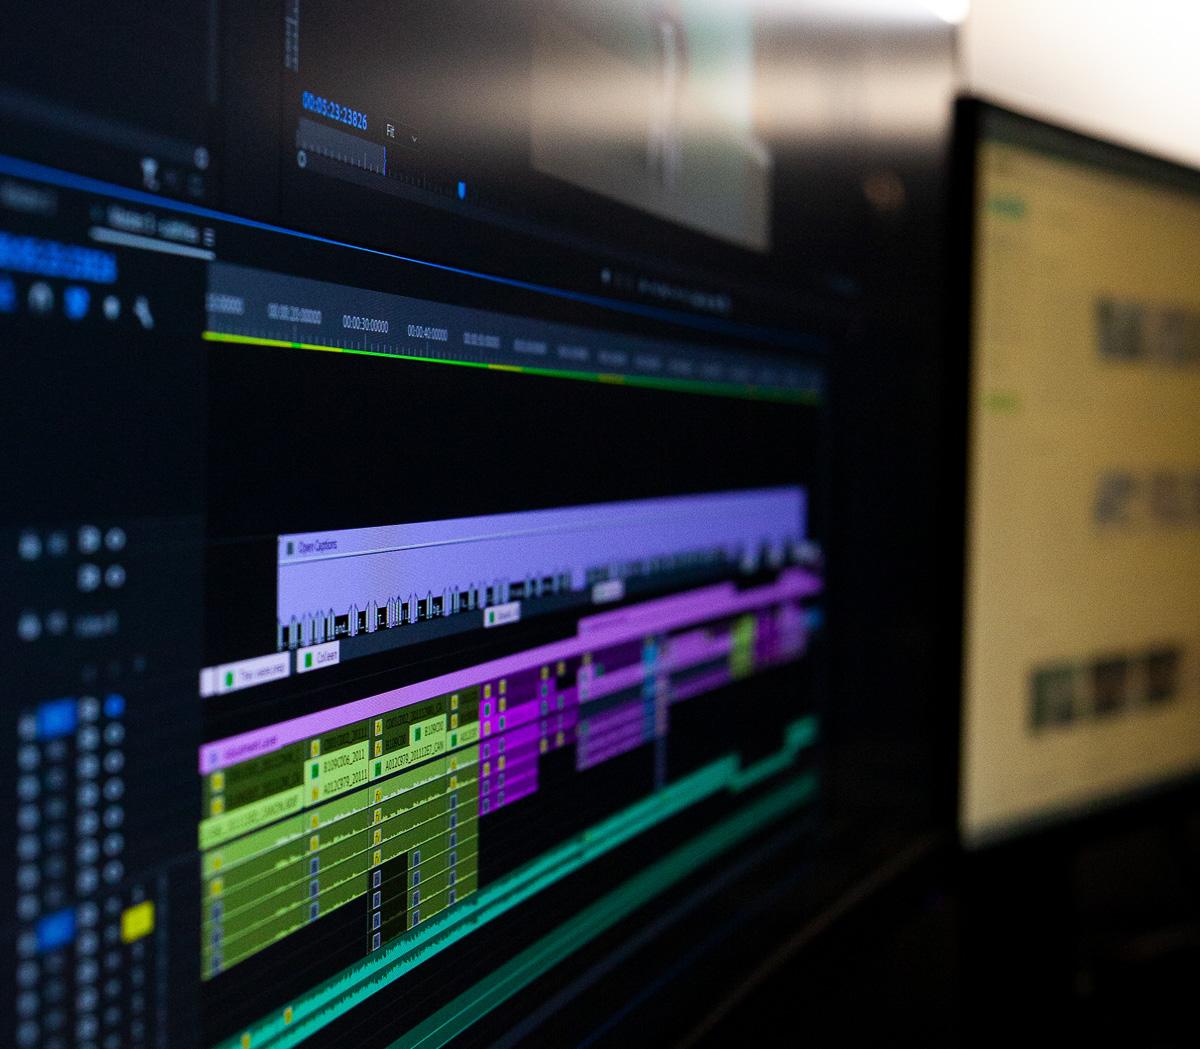 Post-production timeline premier pro